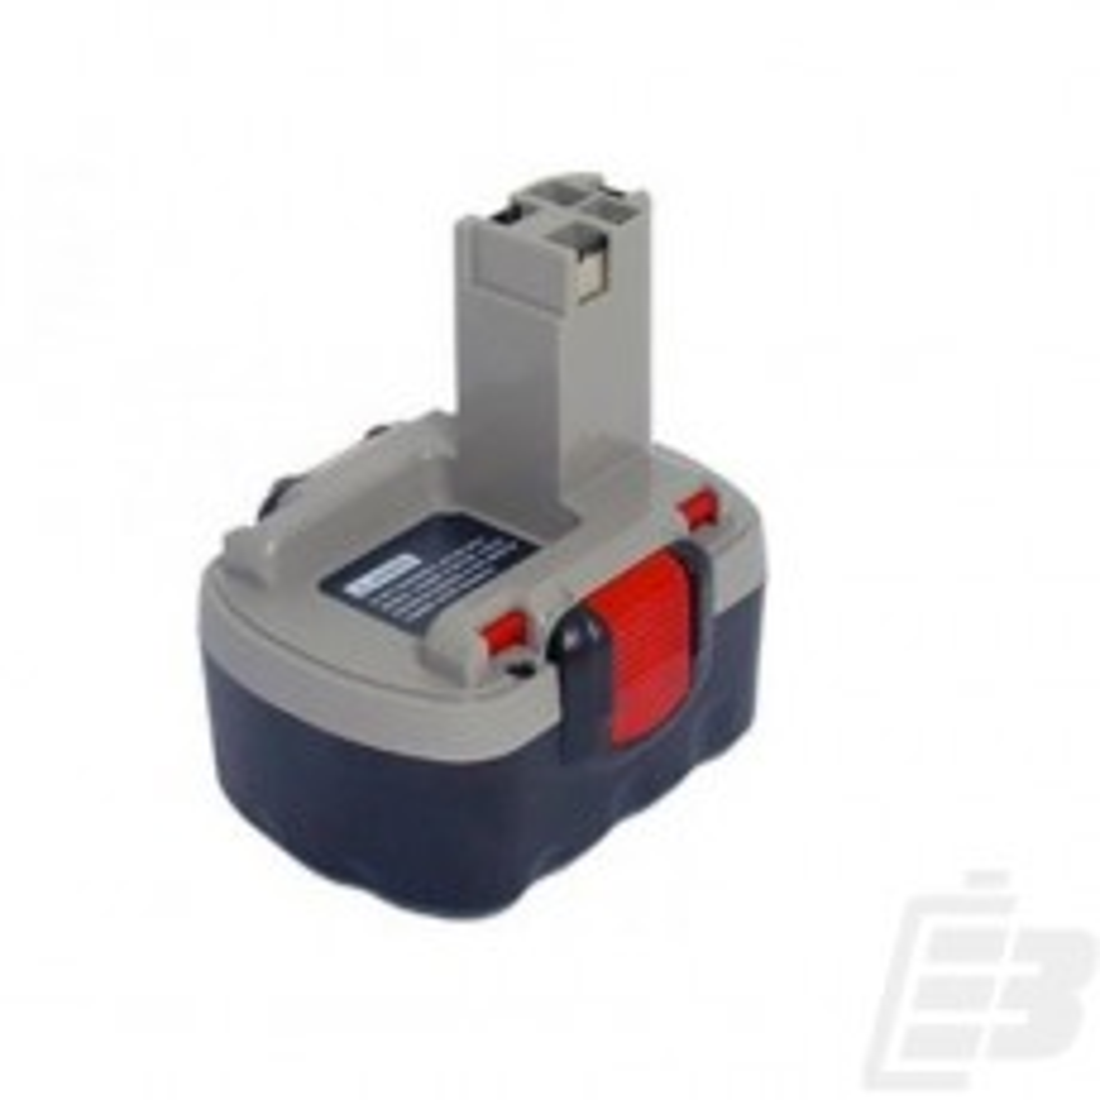 Μπαταρία ηλεκτρικού εργαλείου Bosch 14.4V 3.0Ah_1